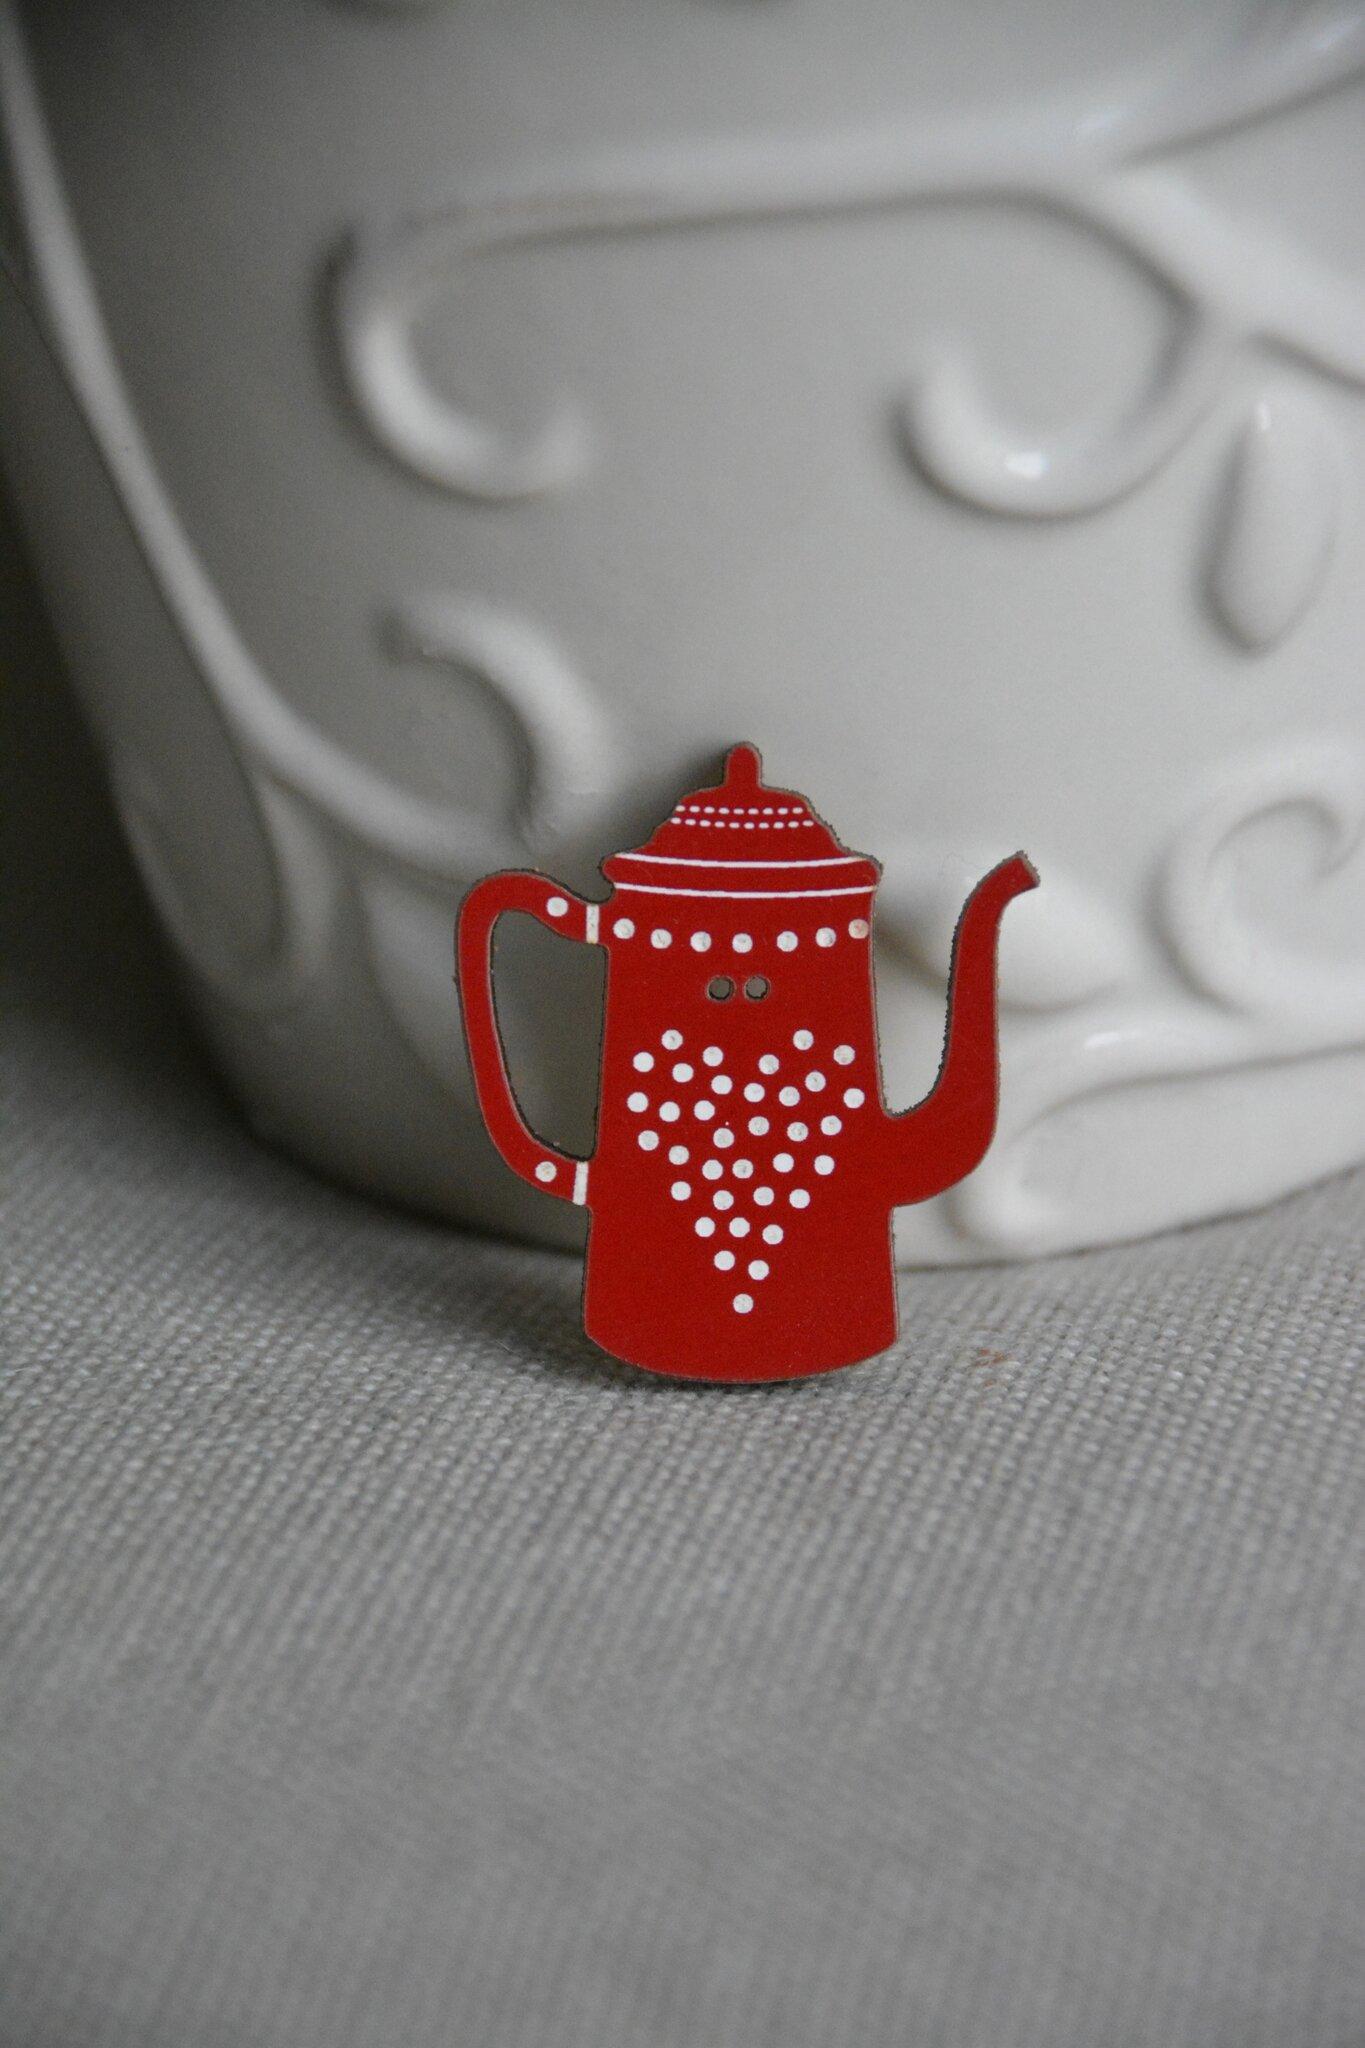 cafetière rouge à pois